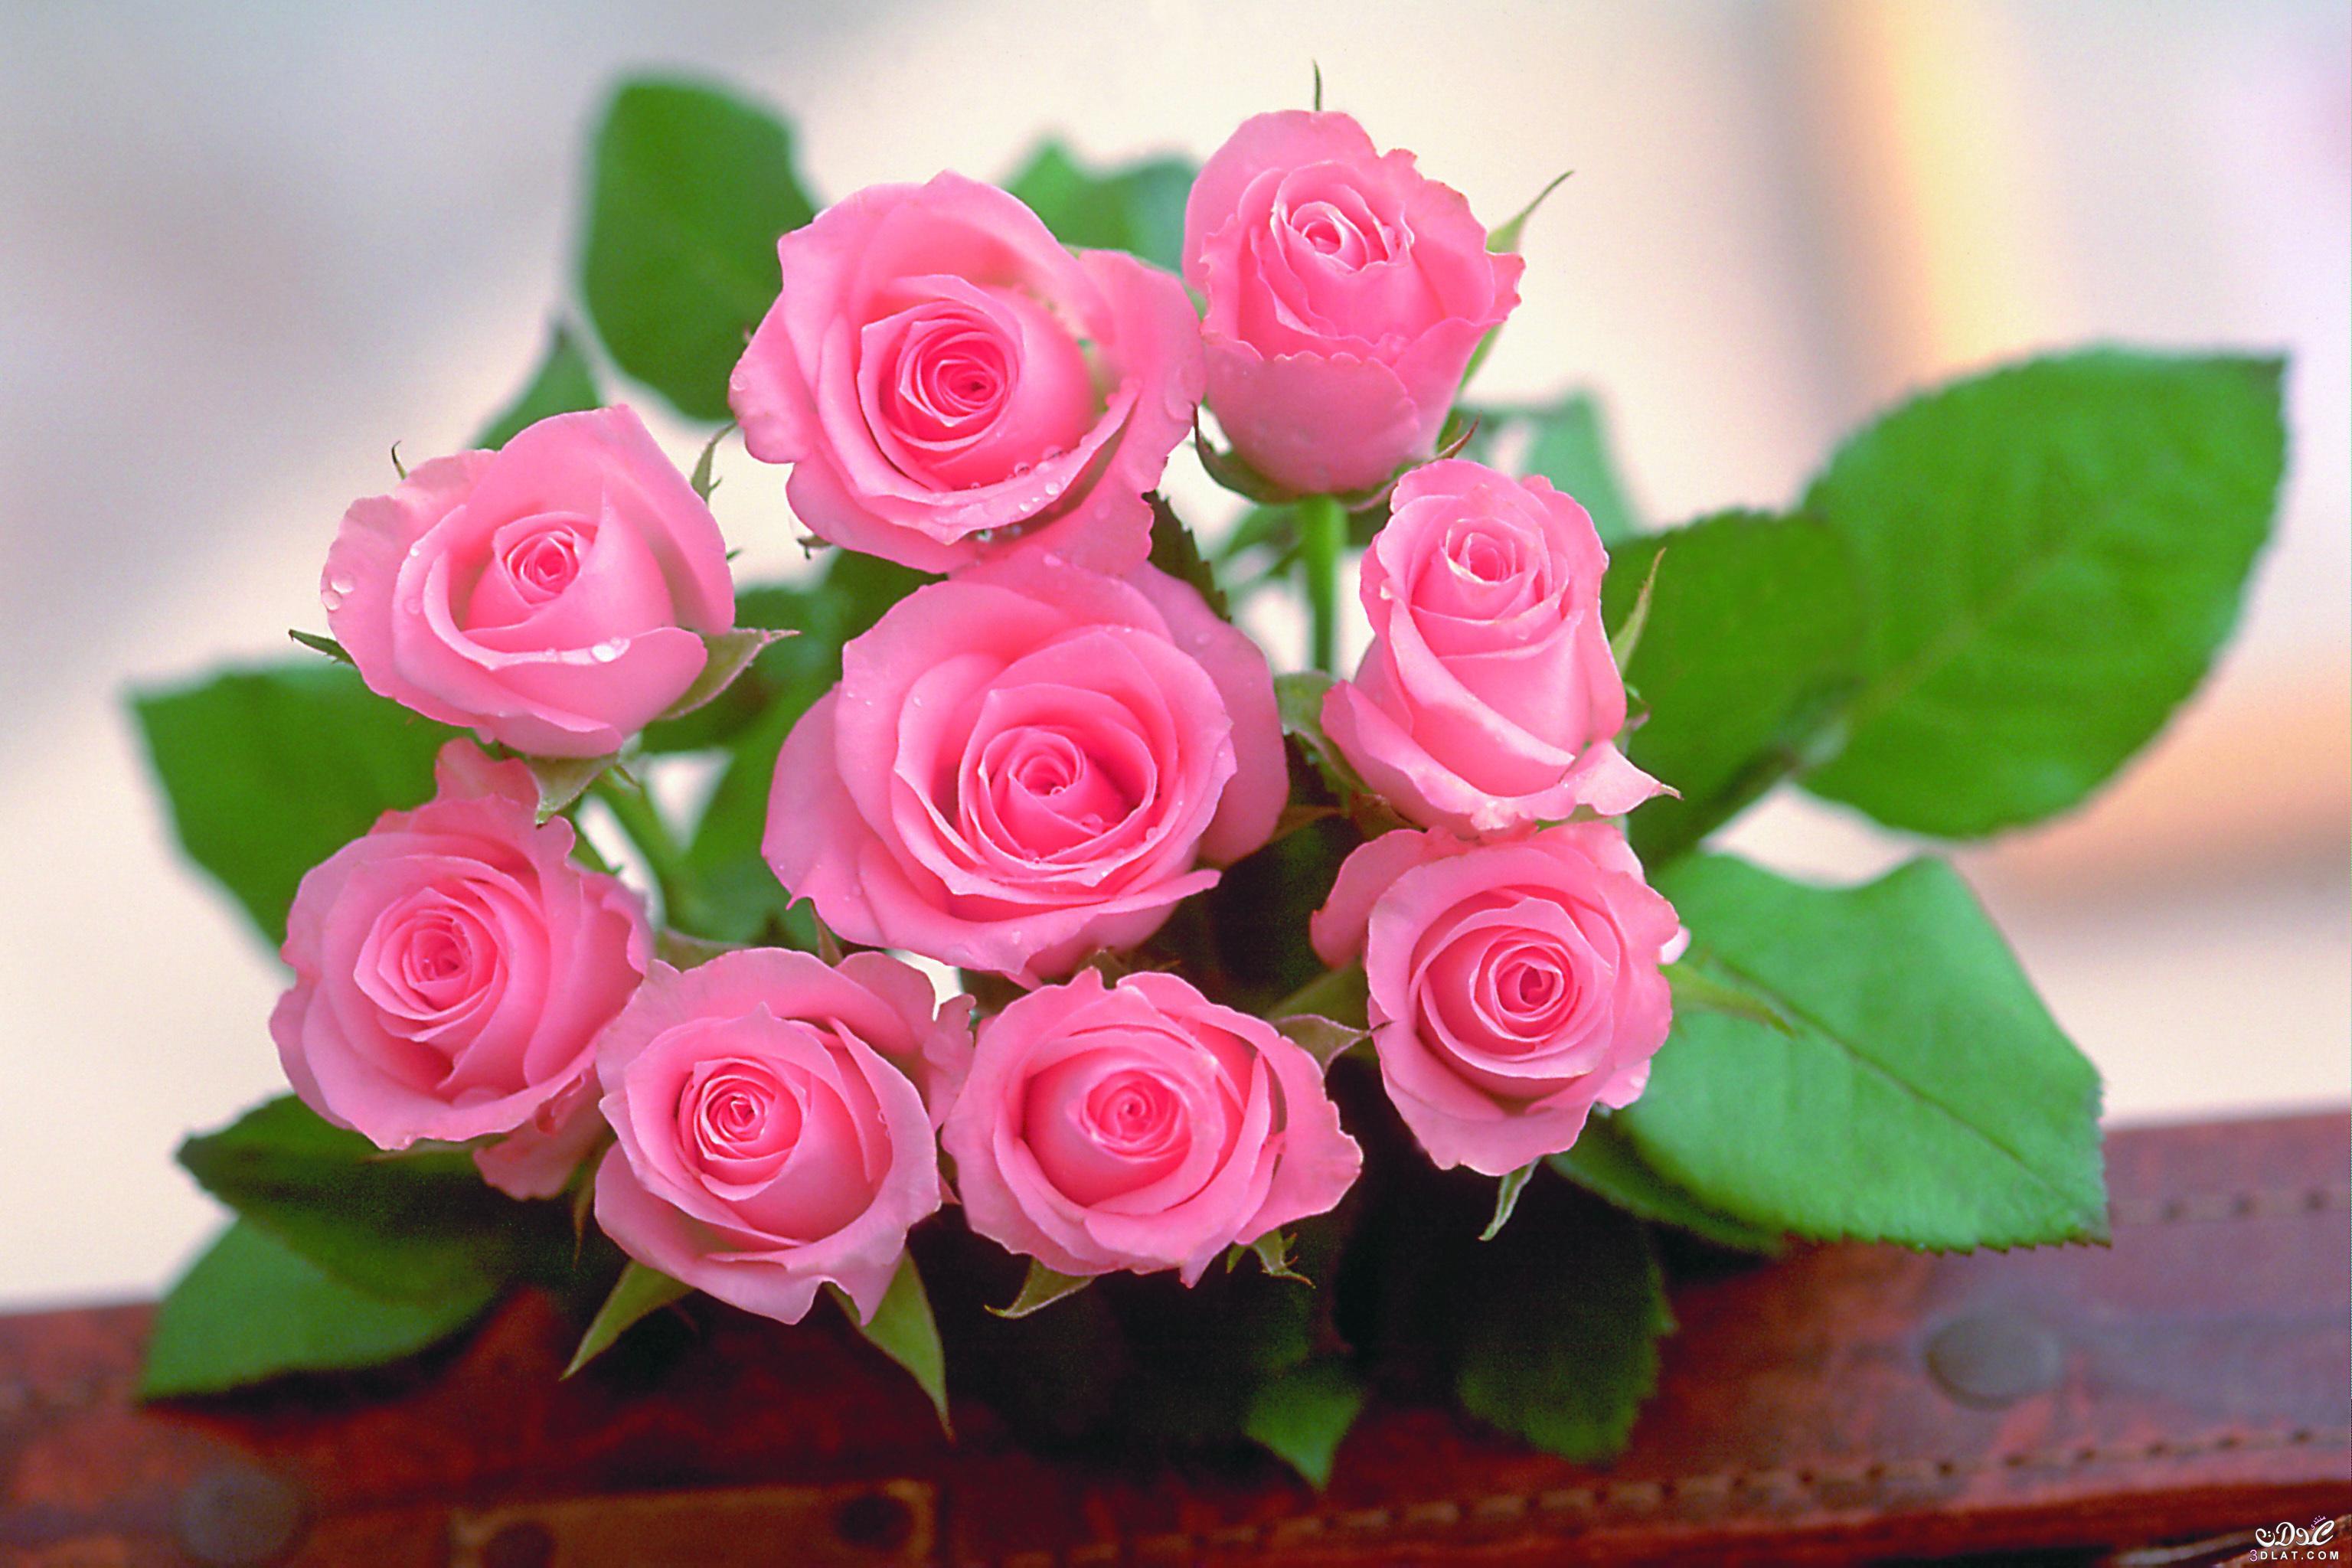 صور اجمل صور الورد , ازهار و ورود رائعه